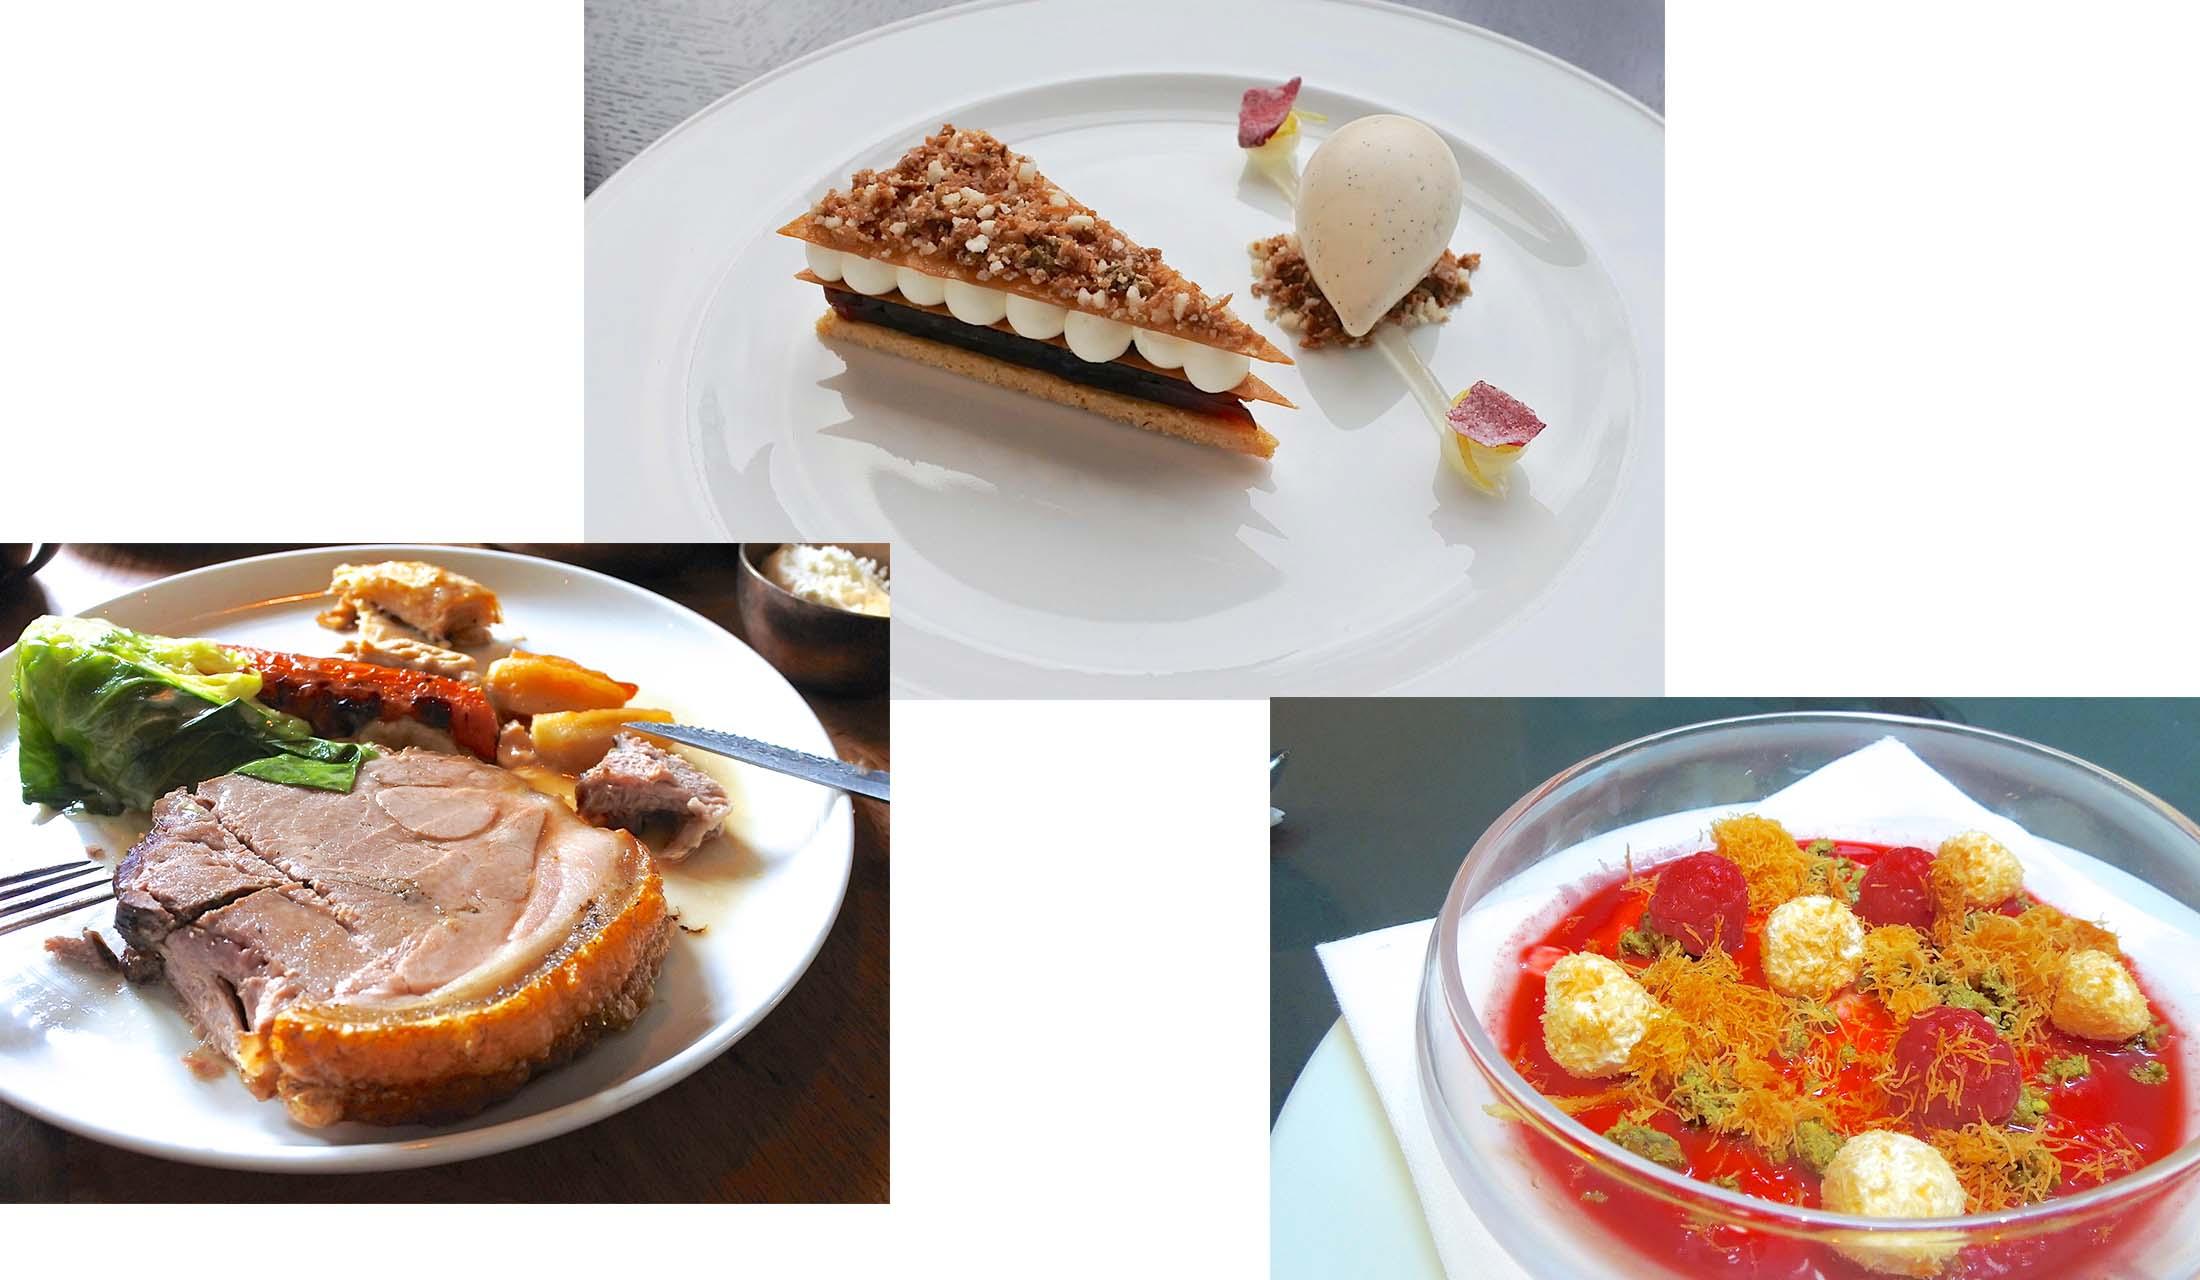 パイ生地のケーキ、真っ赤なスープ、サンデーロースト、パウンドケーキと4種類のイギリス料理が並ぶ